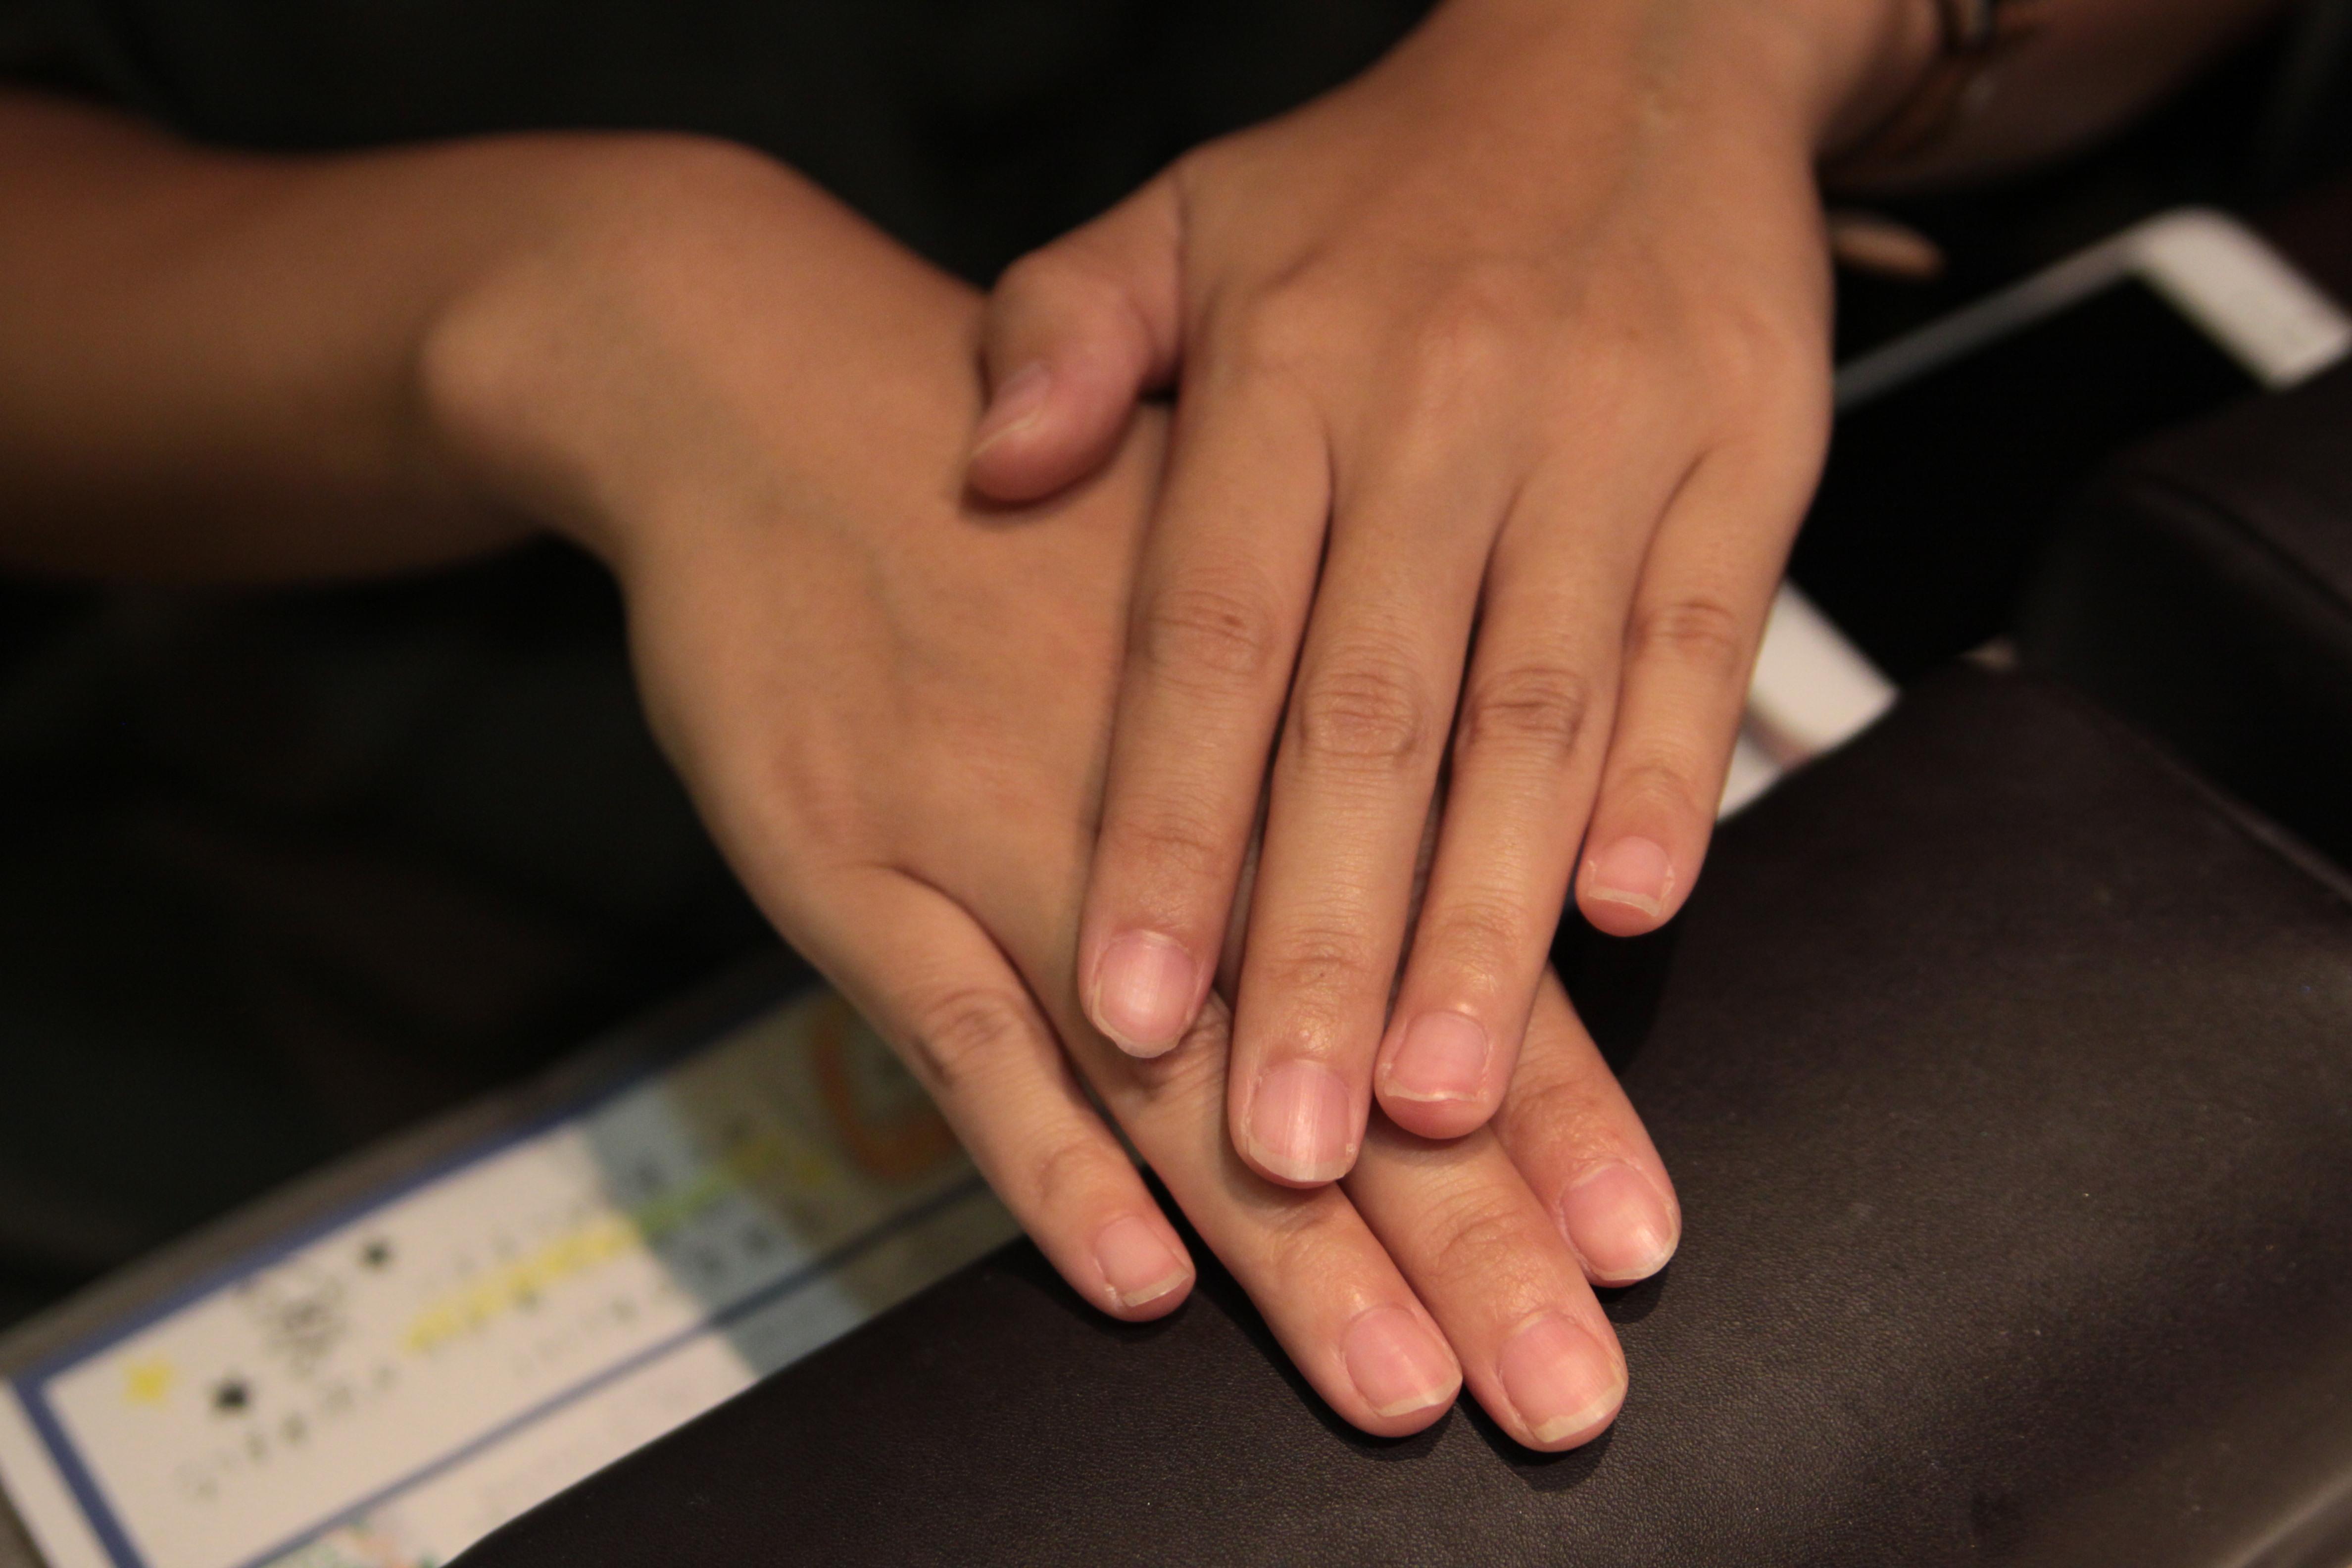 深爪もみるみるうちにキレイに!松坂屋南館「ネイルステーション」でジェルネイルを体験 - IMG 1541